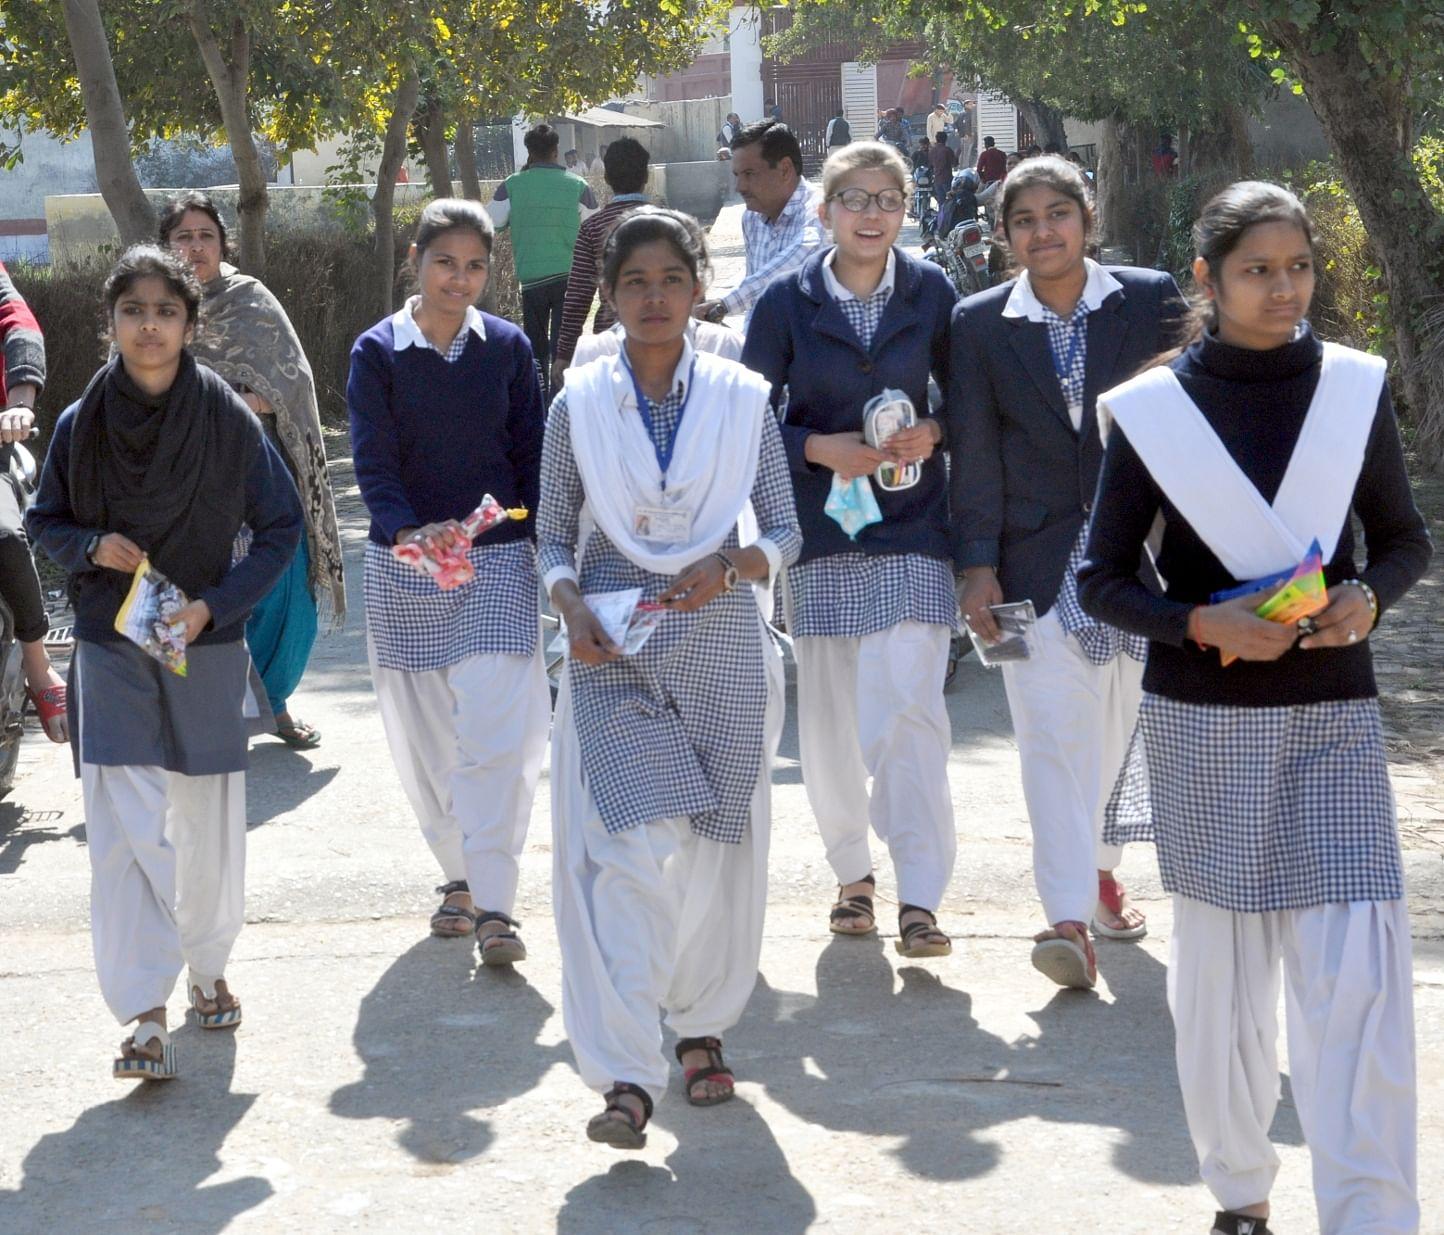 शामली के आरके इंटर कॉलेज में हाईस्कूल की परीक्षा देने जातीं छात्राएं।